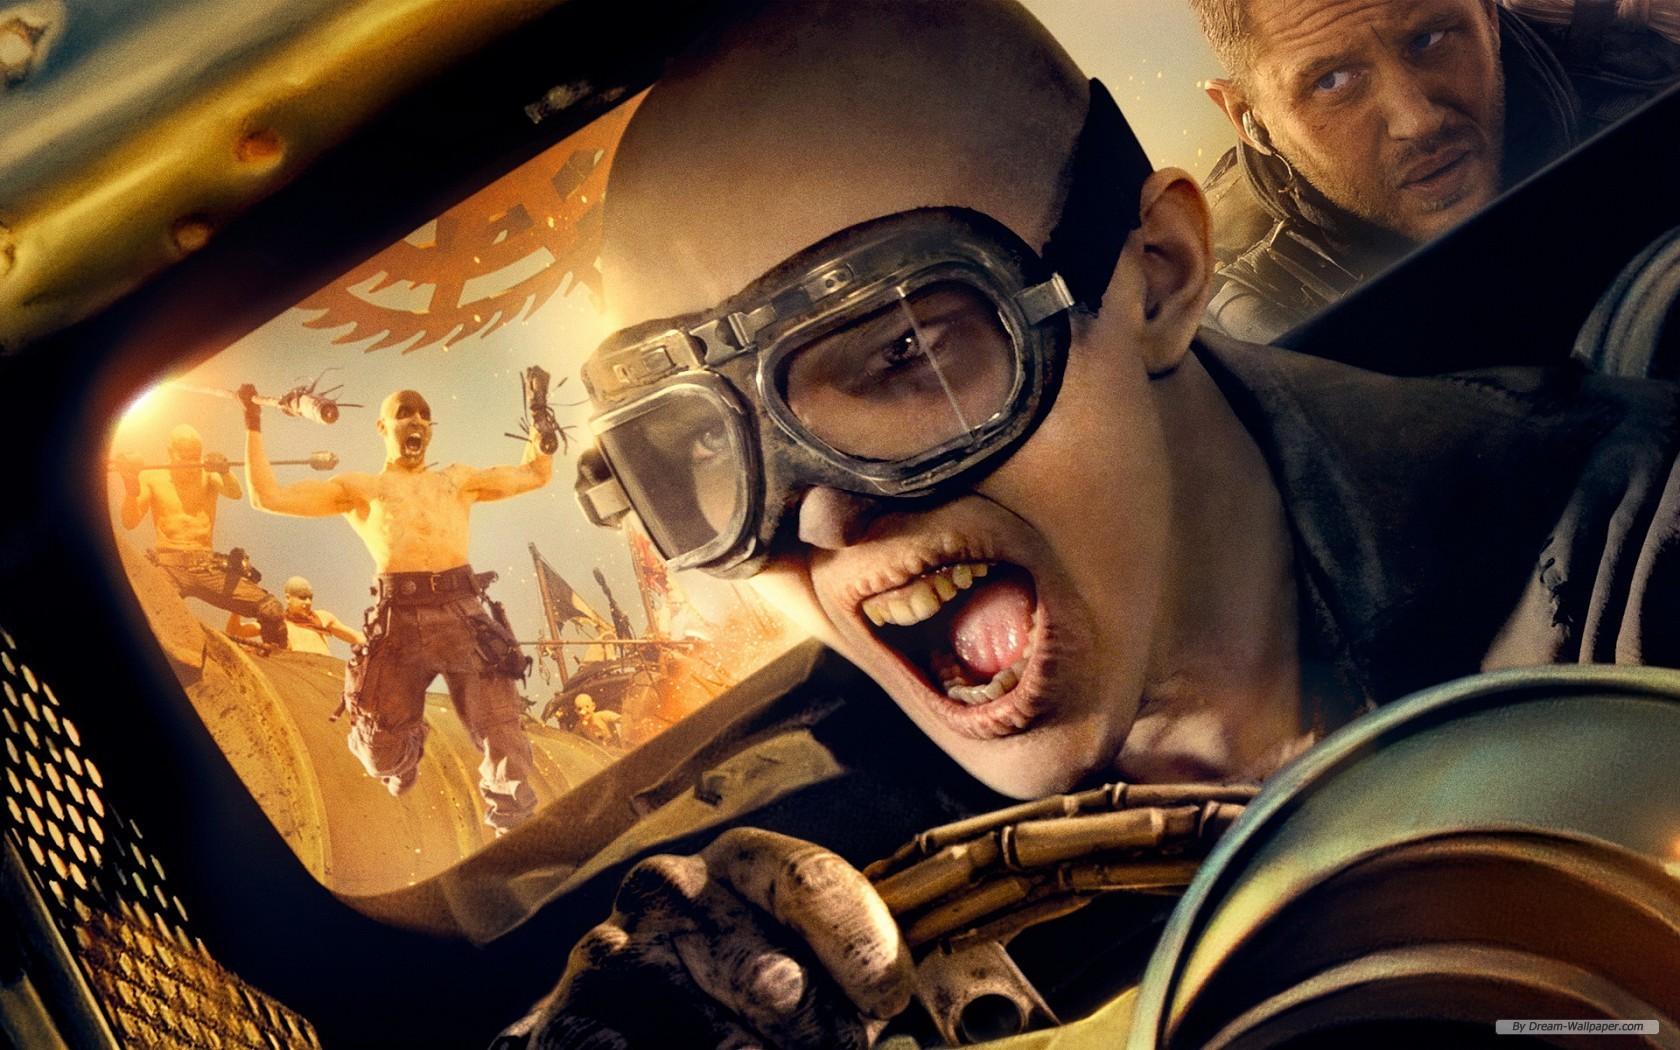 Movie wallpaper   Mad Max 4 wallpaper   1680x1050 wallpaper   Index 5 1680x1050